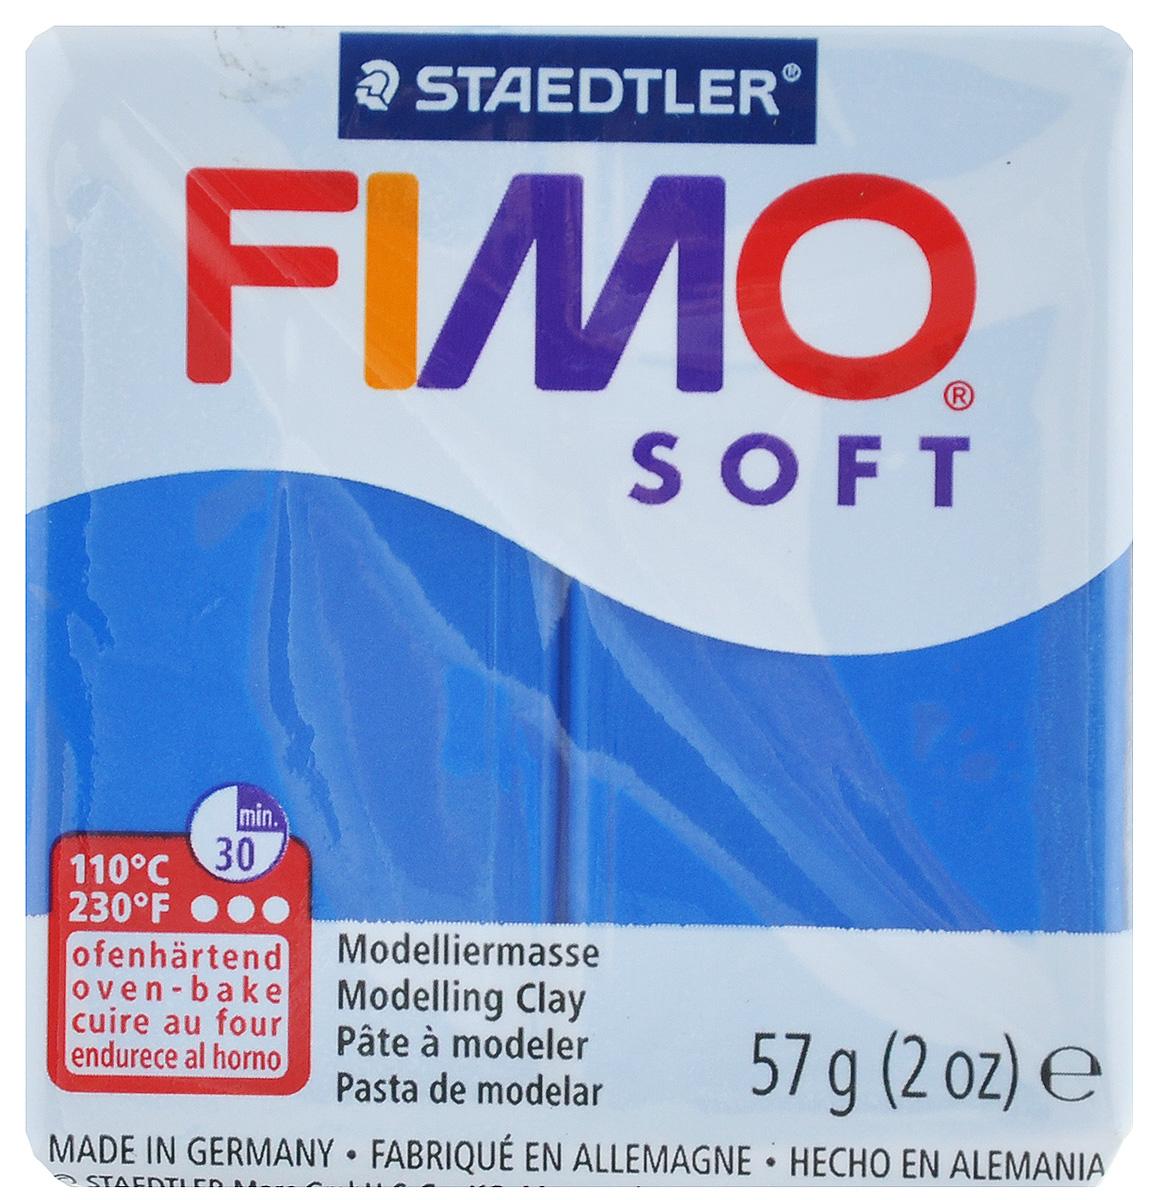 Полимерная глина Fimo Soft, цвет: синий, 56 г8020-37Мягкая глина на полимерной основе (пластика) Fimo Soft идеально подходит для лепки небольших изделий (украшений, скульптурок, кукол) и для моделирования. Глина обладает отличными пластичными свойствами, хорошо размягчается и лепится, легко смешивается между собой, благодаря чему можно создать огромное количество поделок любых цветов и оттенков. Блок поделен на восемь сегментов, что позволяет легче разделять глину на порции. В домашних условиях готовая поделка выпекается в духовом шкафу при температуре 110°С в течение 15-30 минут (в зависимости от величины изделия). Отвердевшие изделия могут быть раскрашены акриловыми красками, покрыты лаком, склеены друг с другом или с другими материалами.